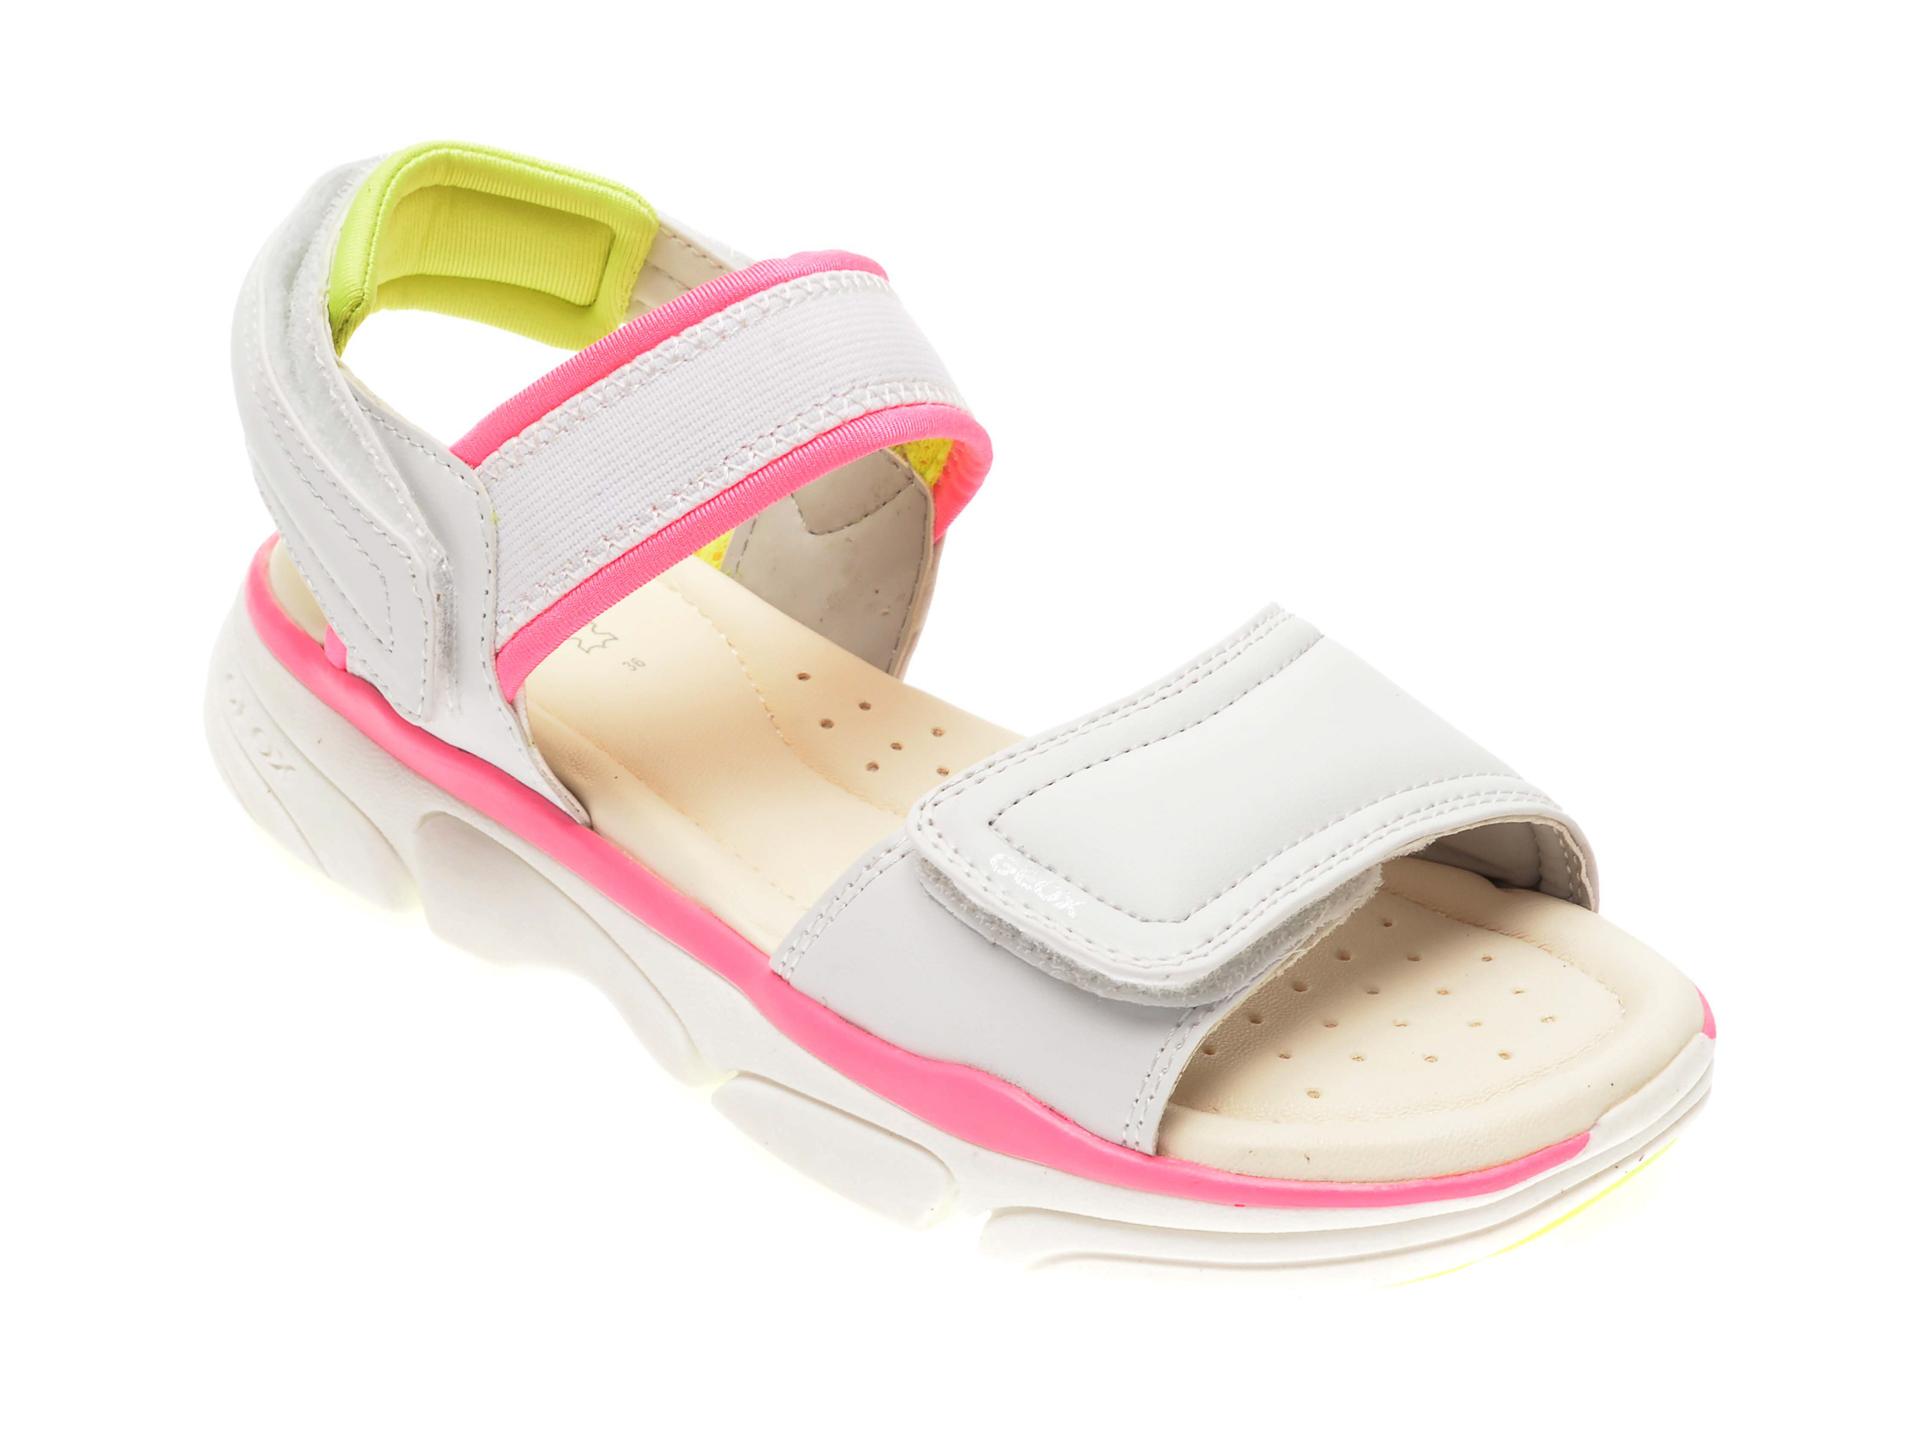 Sandale GEOX albe, D02GZB, din piele naturala